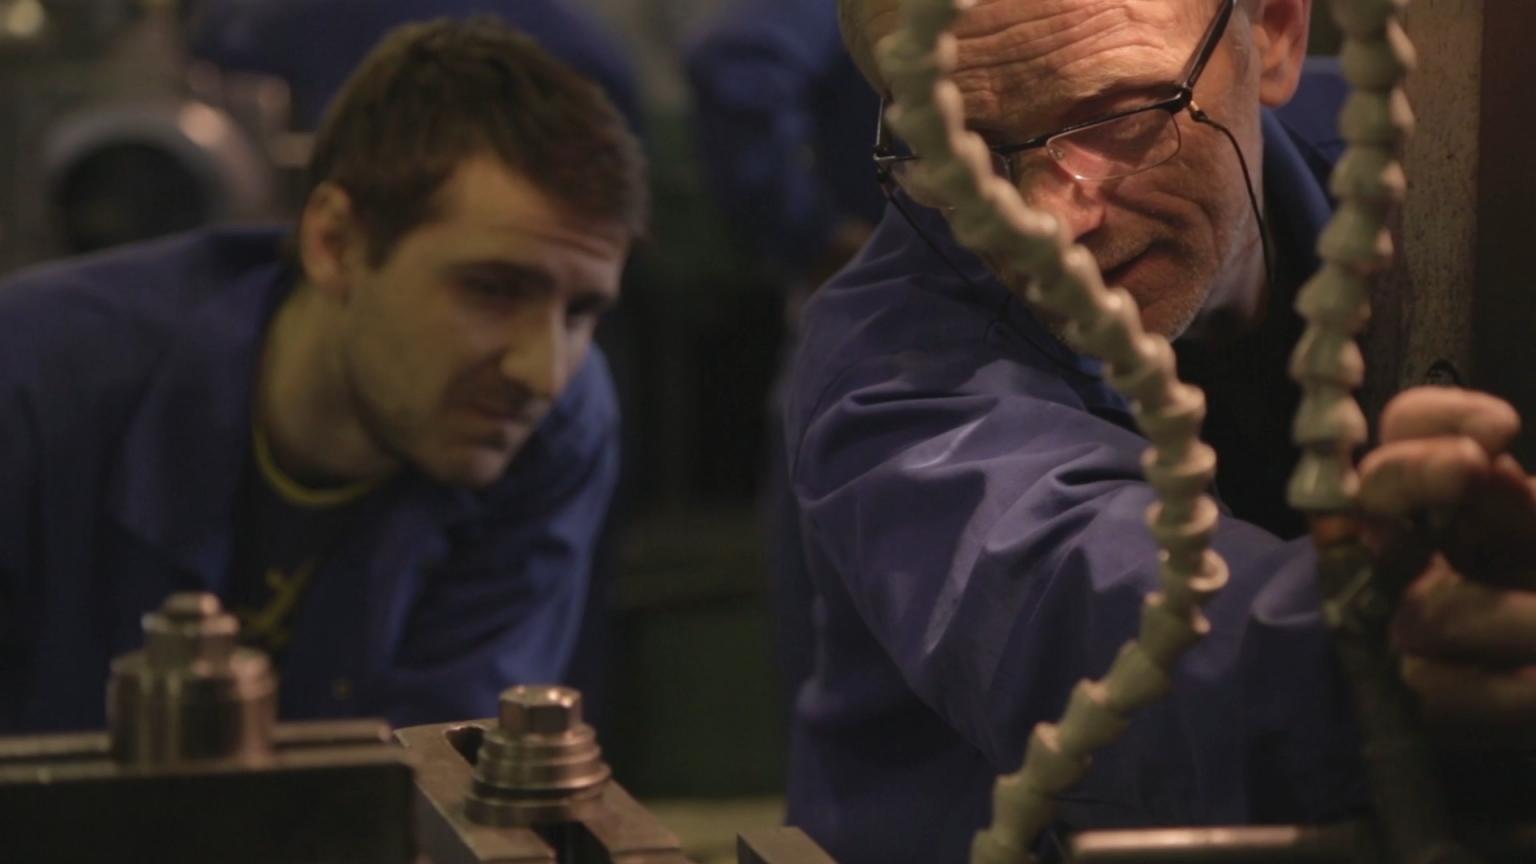 Hrvatska premijera dokumentarnog filma 'Tvornice radnicima' na Motovunu